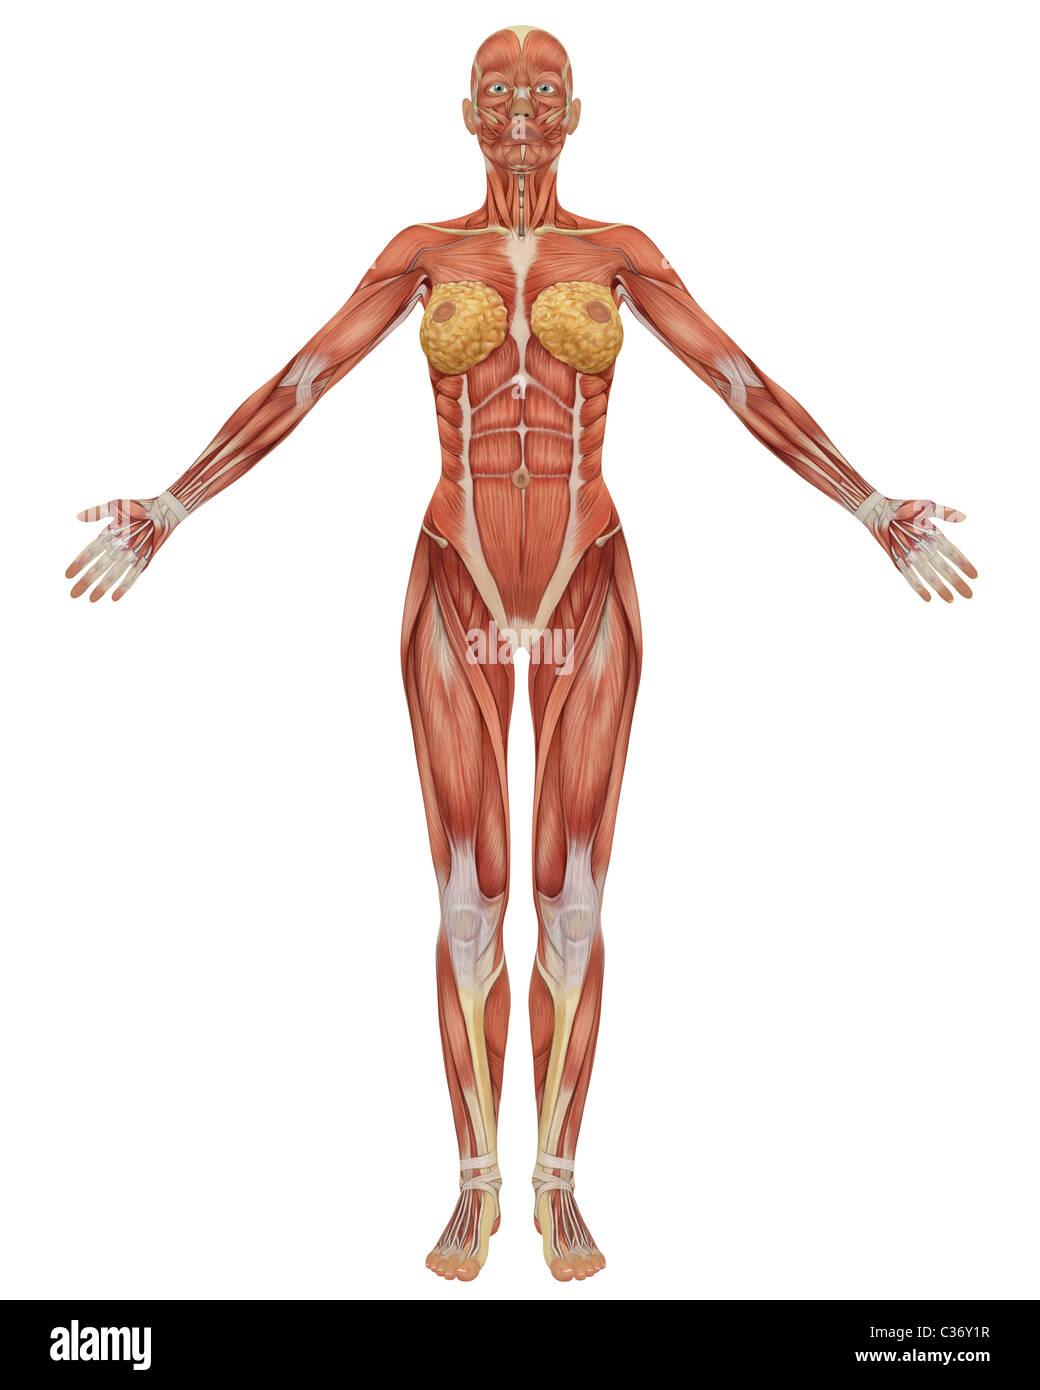 Female Anatomy 3d Stockfotos & Female Anatomy 3d Bilder - Alamy